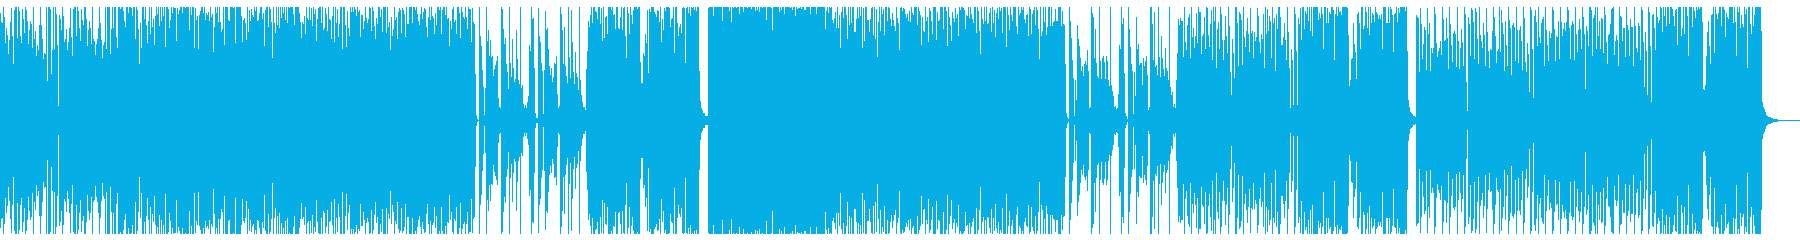 4つ打ち かわいい テクノポップの再生済みの波形